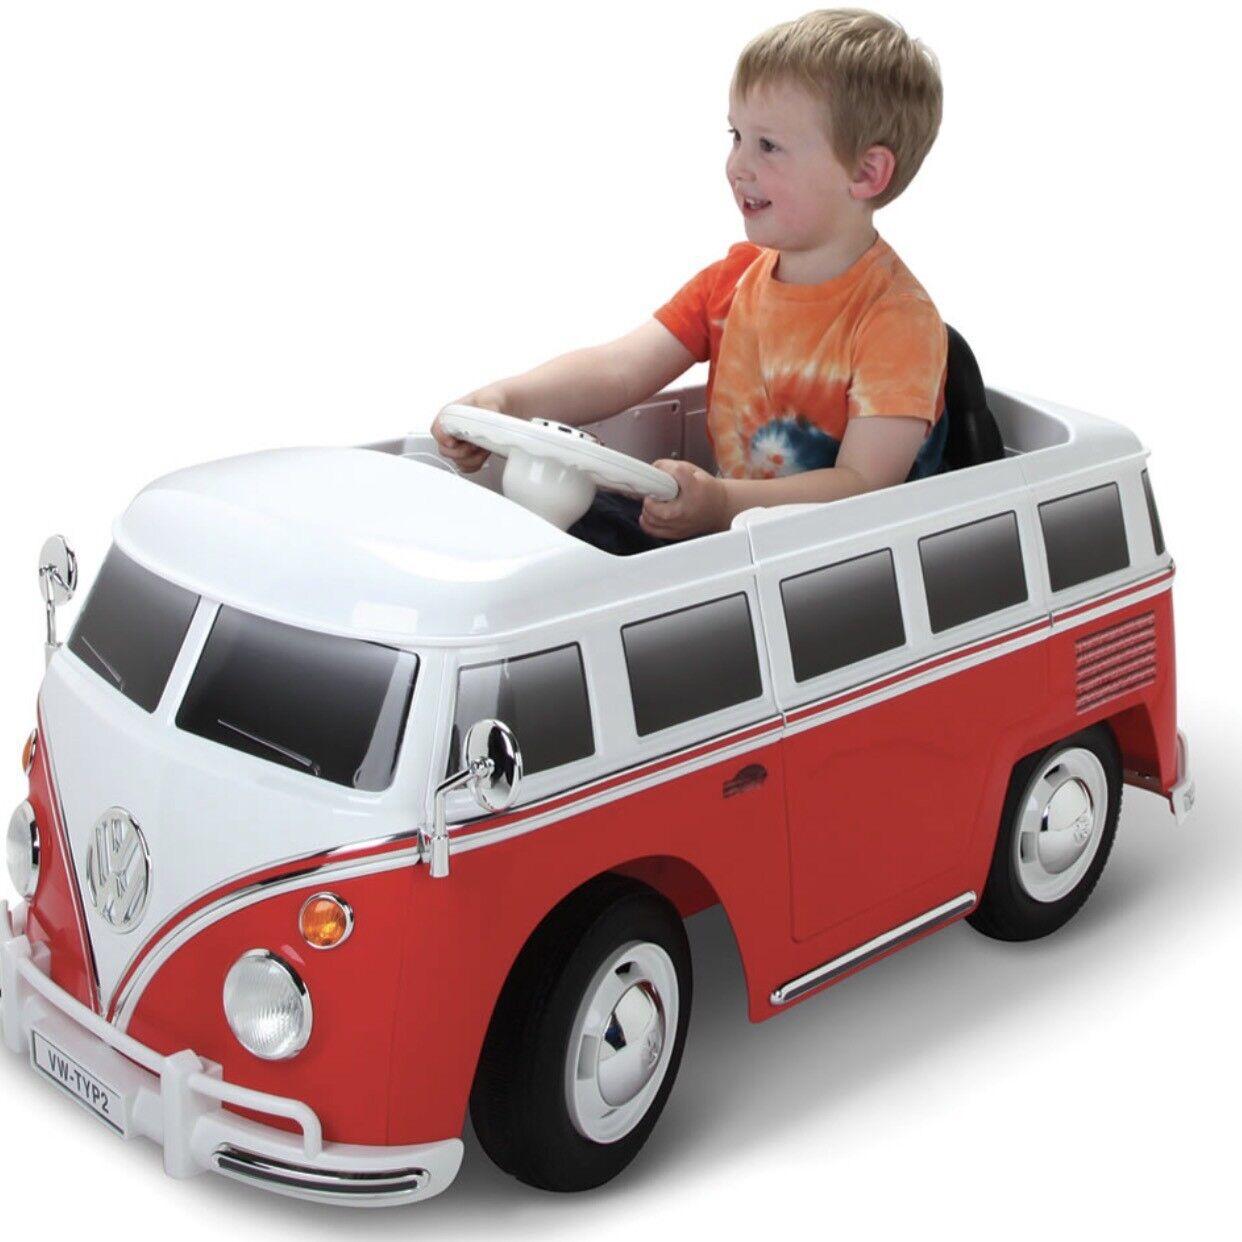 6v vw volkswagen - bus batteriebetrieben fahren auf kinder auto spielzeug macht elektro - räder